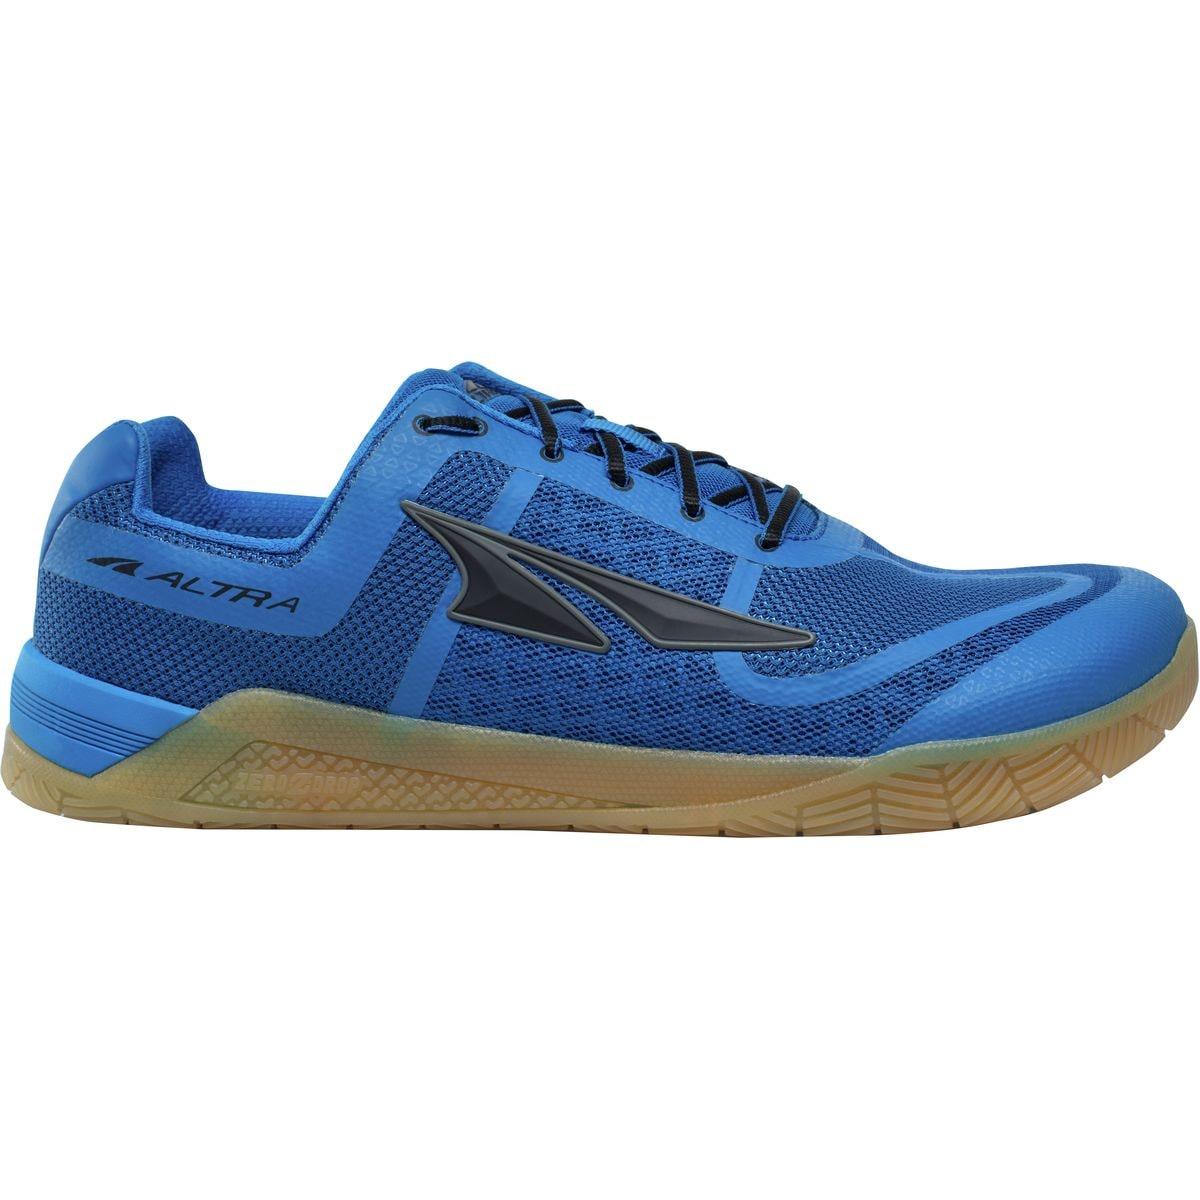 Altra Hiit Xt Running Shoe Mens Atr004w